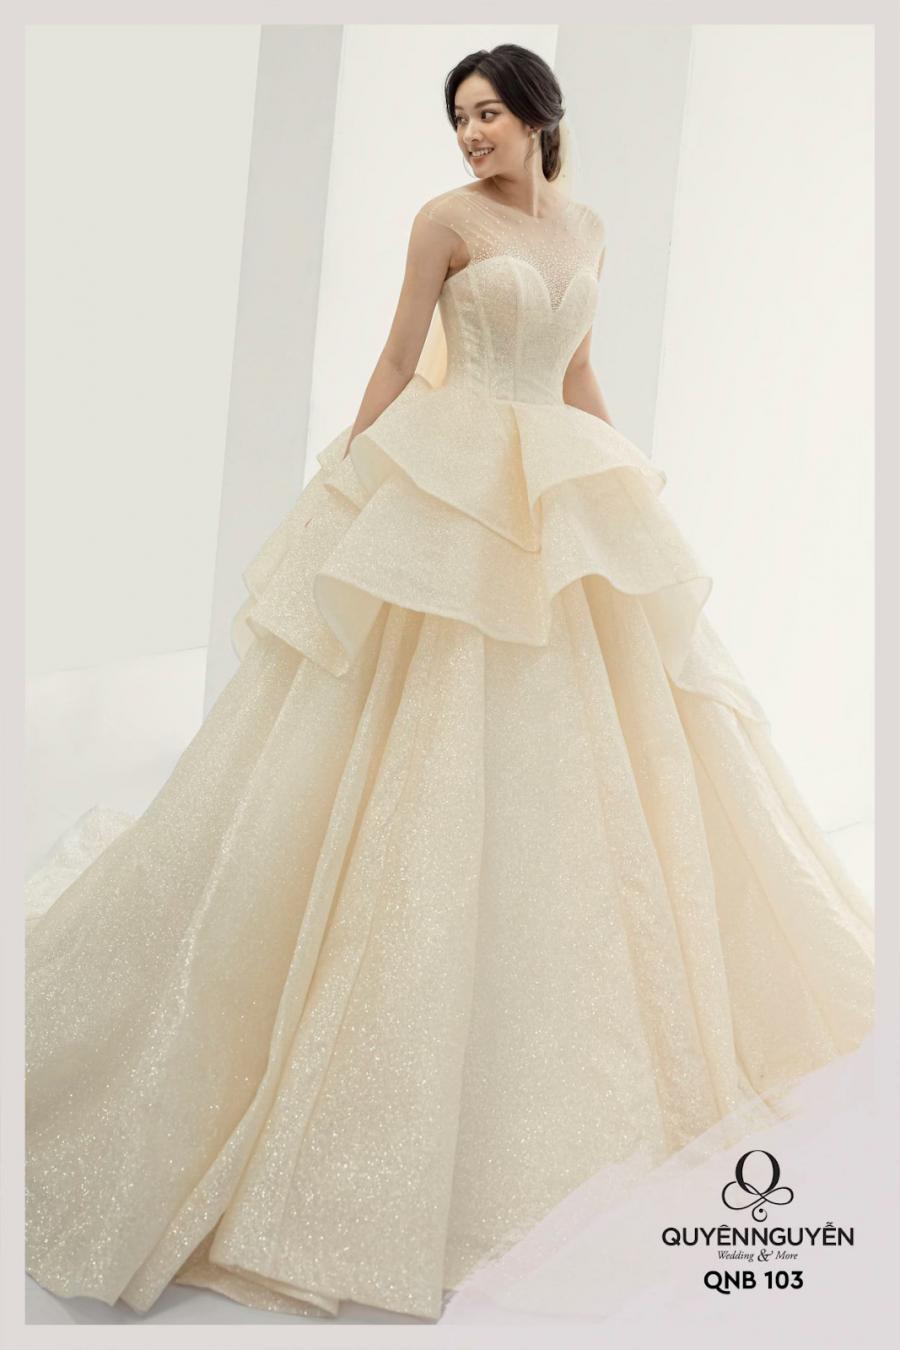 Mẫu váy cưới năm 2021 được ưa chuộng nhất trong BST Fairy Secret